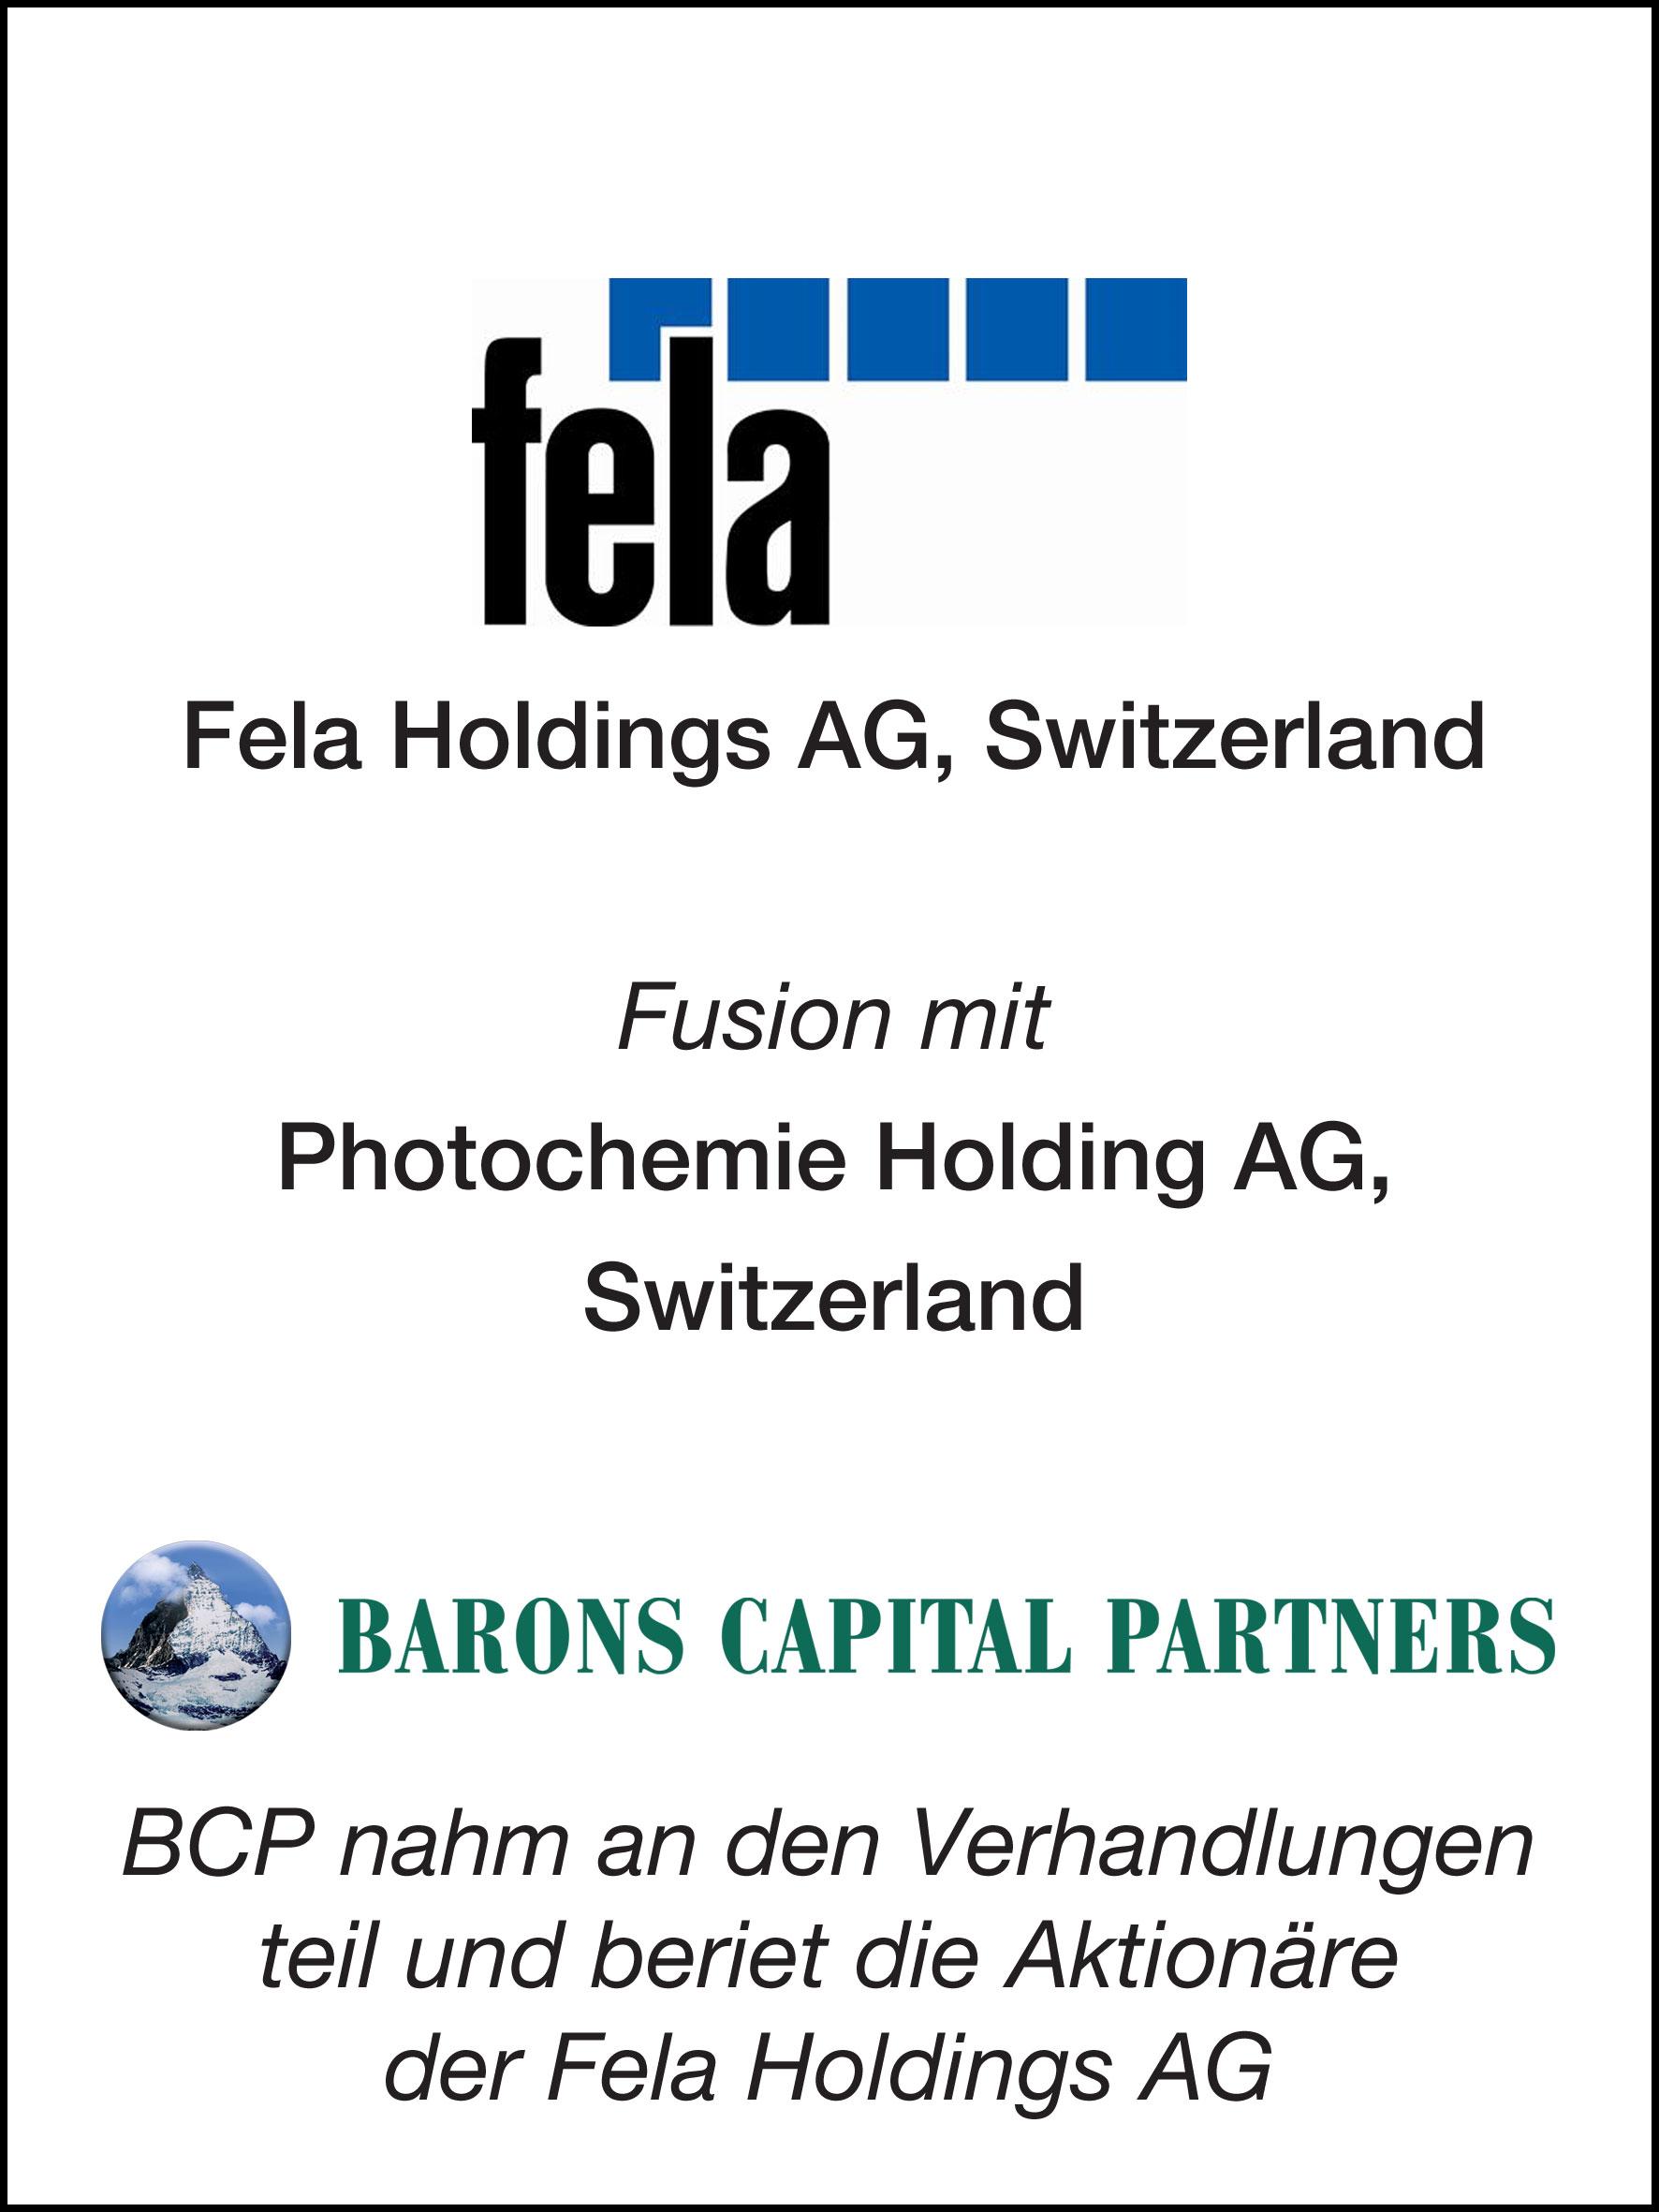 19_Fela Holdings AG_G